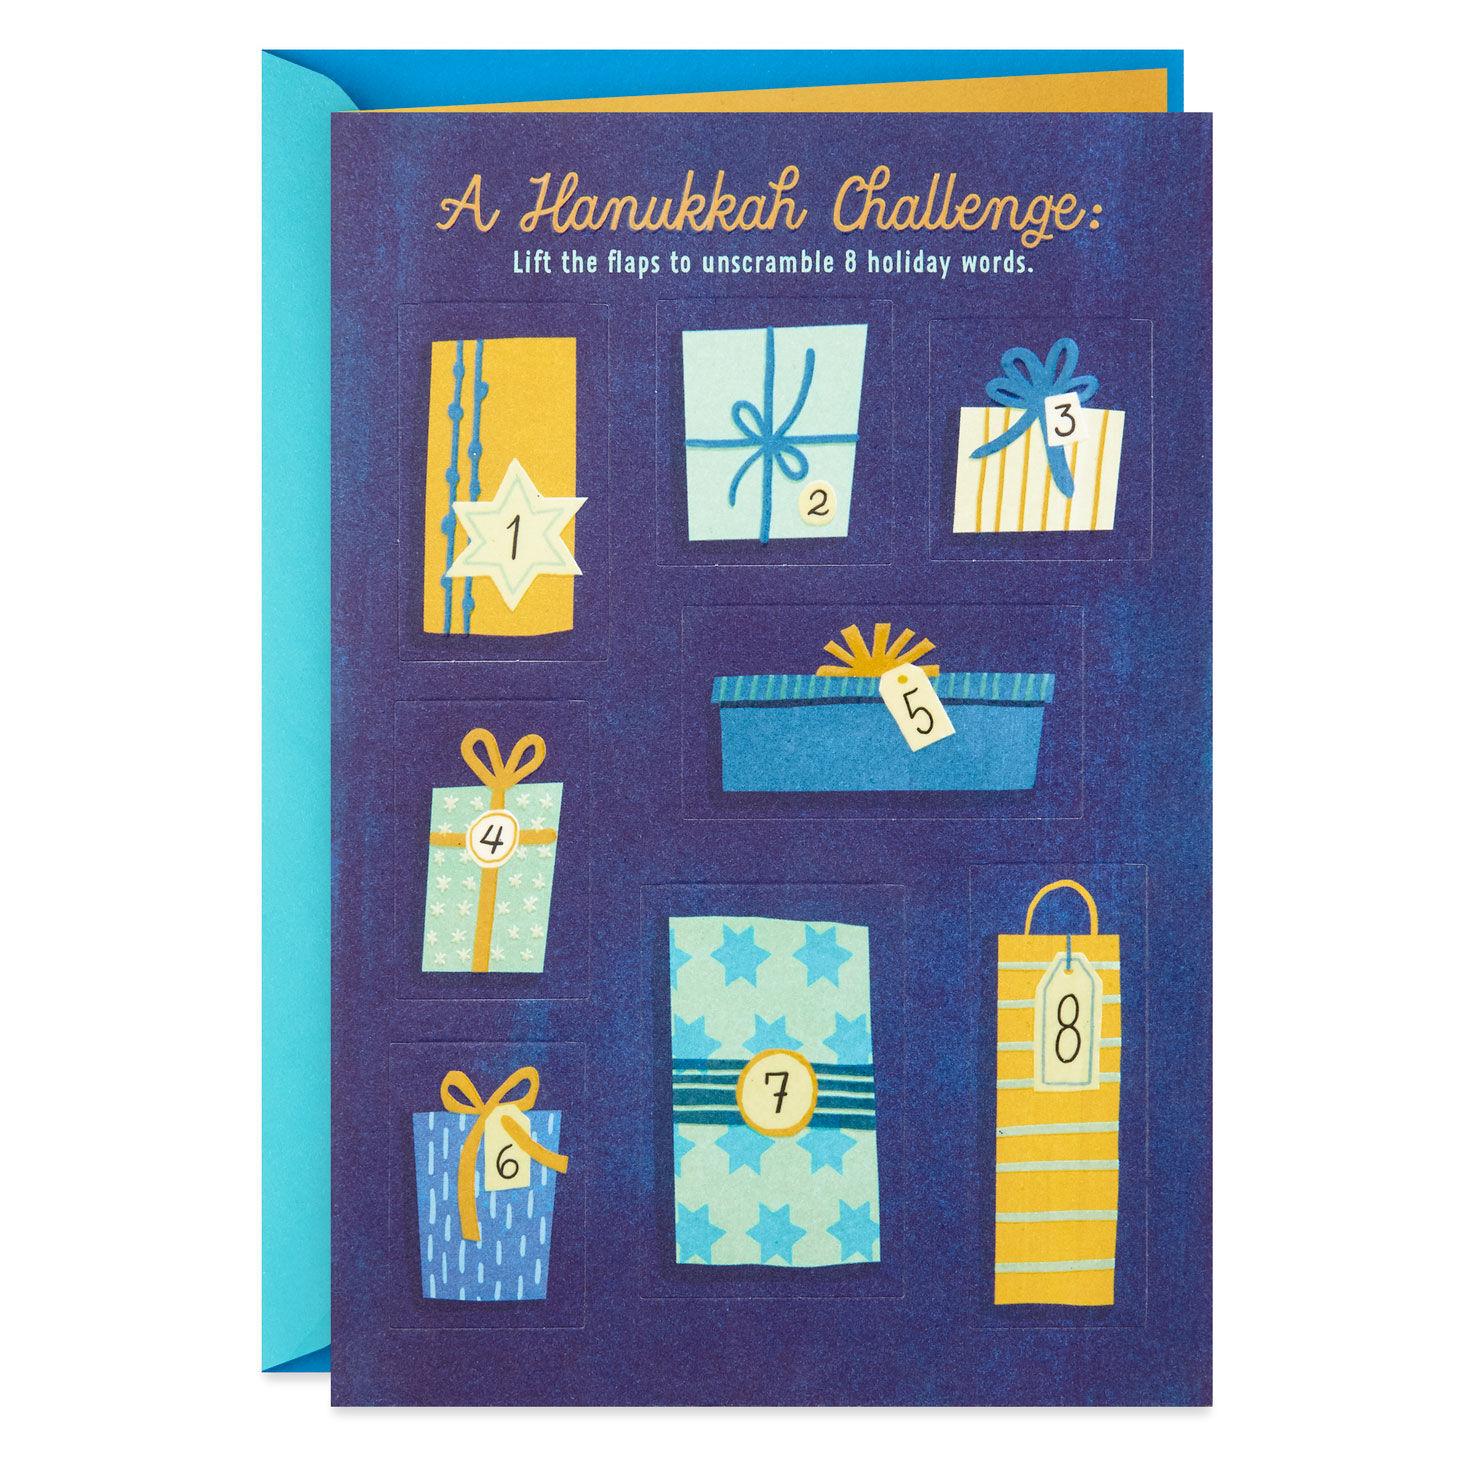 photograph regarding Printable Hanukkah Cards known as Hanukkah Playing cards Hallmark